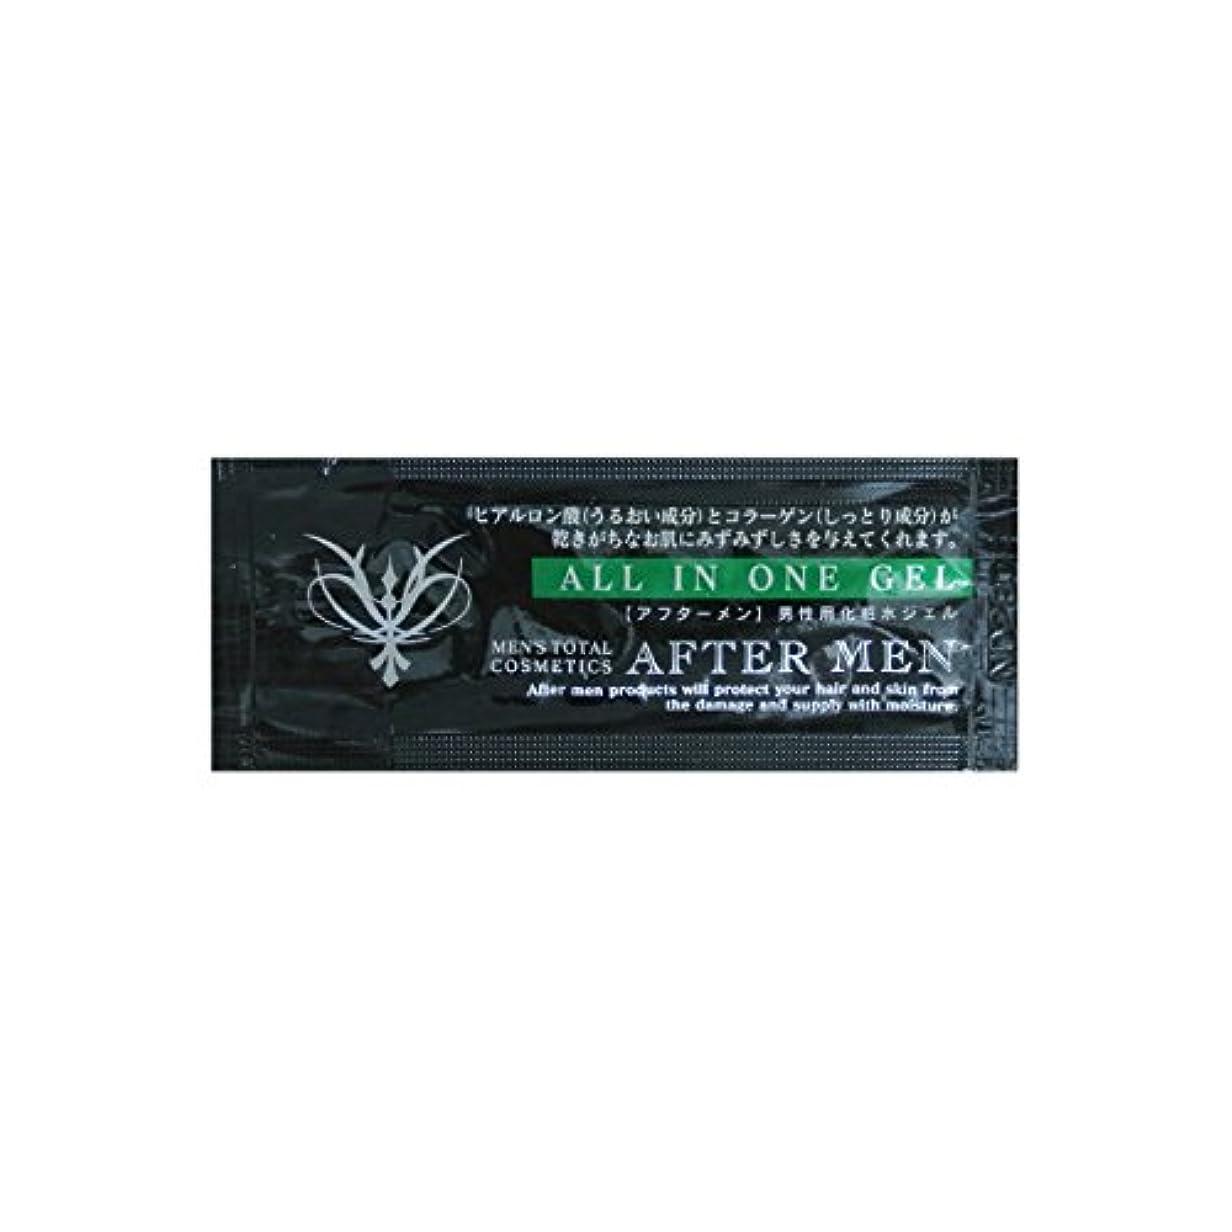 卵野なパキスタン人アフターメン オールインワンジェル化粧水 200包